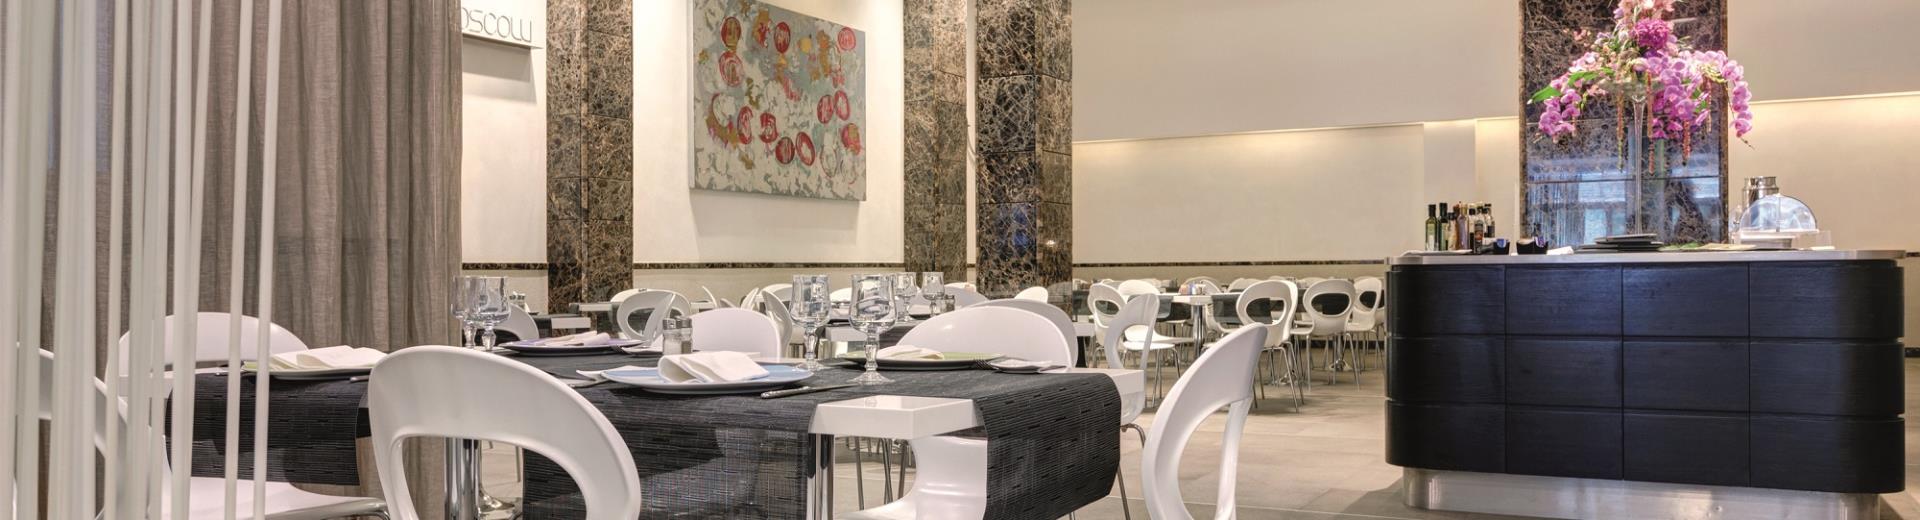 Offerta Mezza Pensione a Roma - Hotel 4 stelle Roma